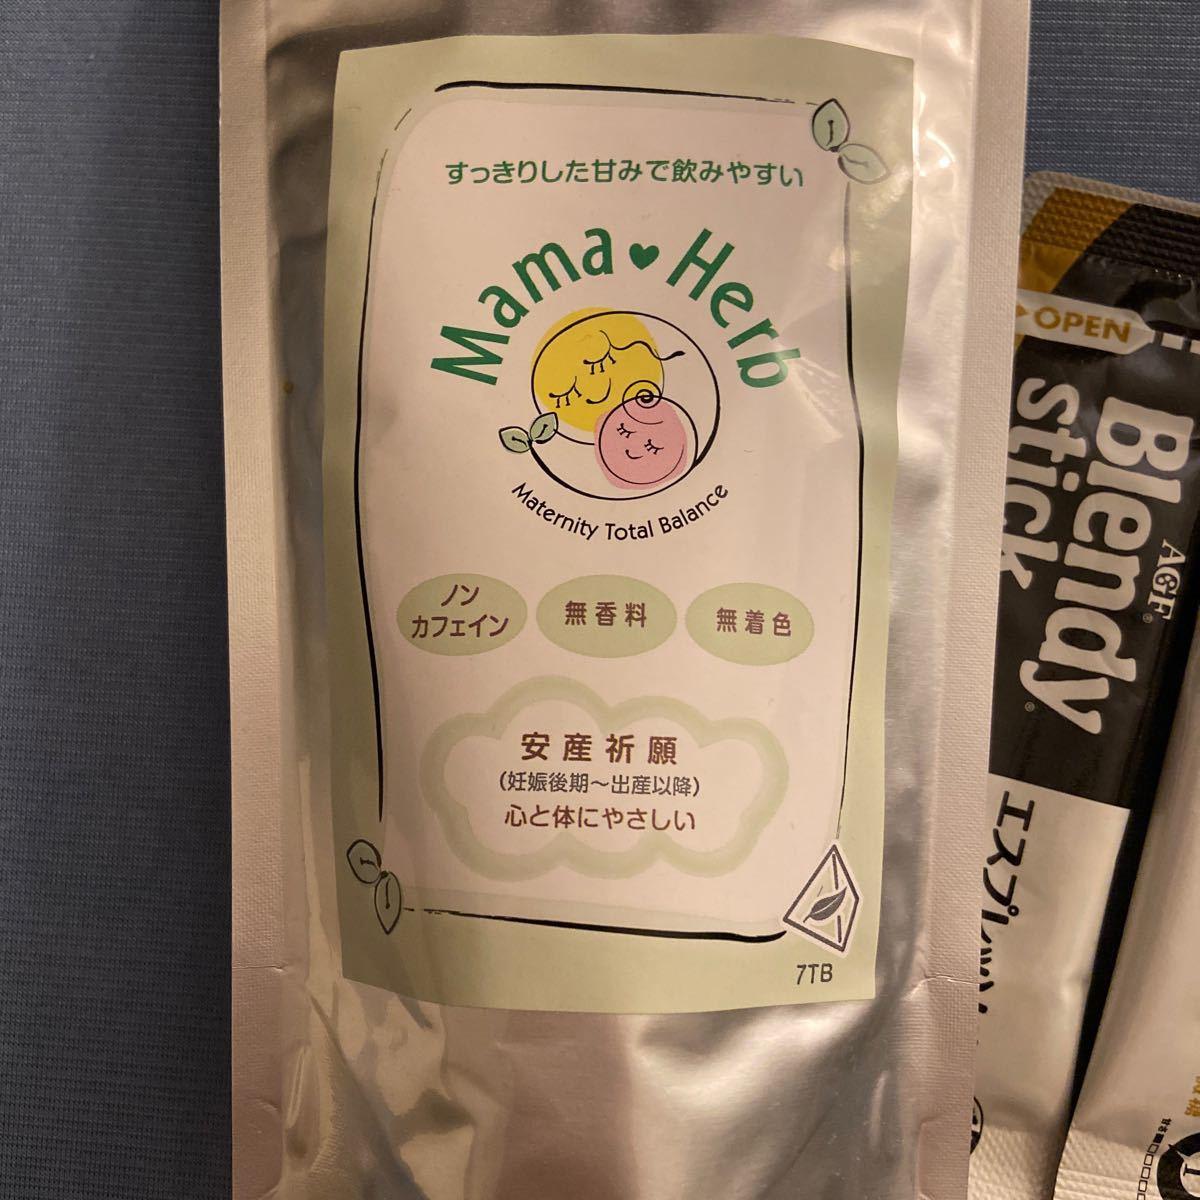 コーヒーコレクション ミックス スティックコーヒー ネスカフェゴールドブレンド